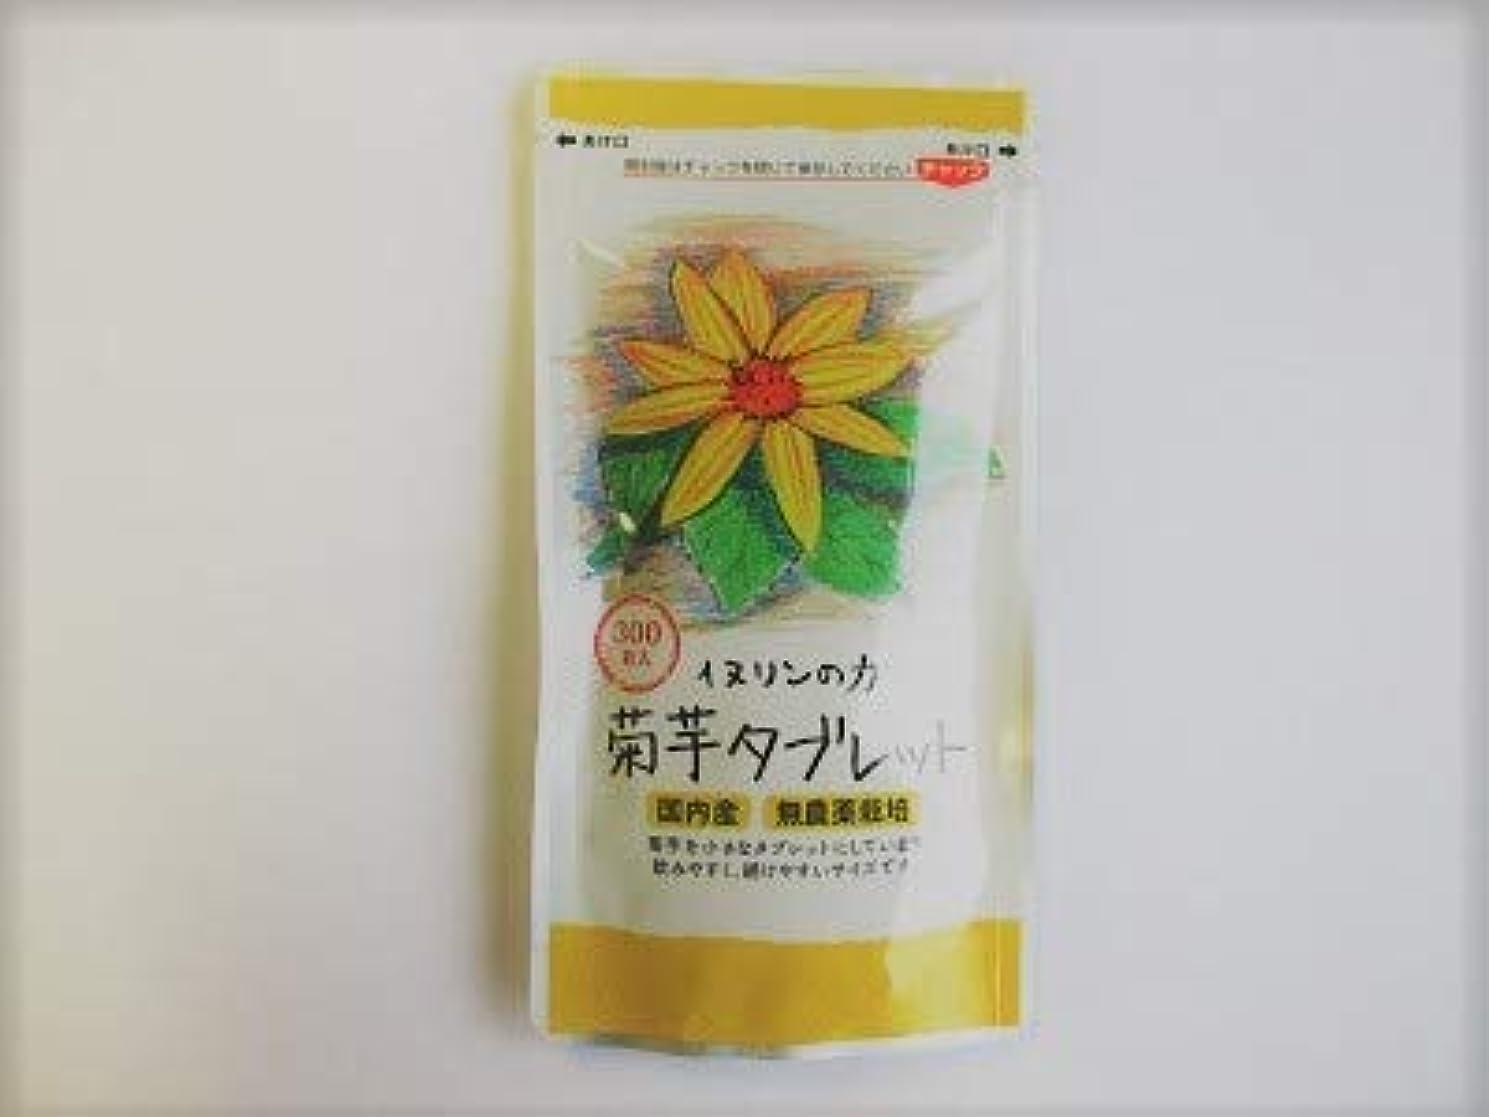 歯車考古学者カフェ菊芋タブレット 250mg×300粒 内容量:75g ★1袋で生菊芋=660g分相当です!